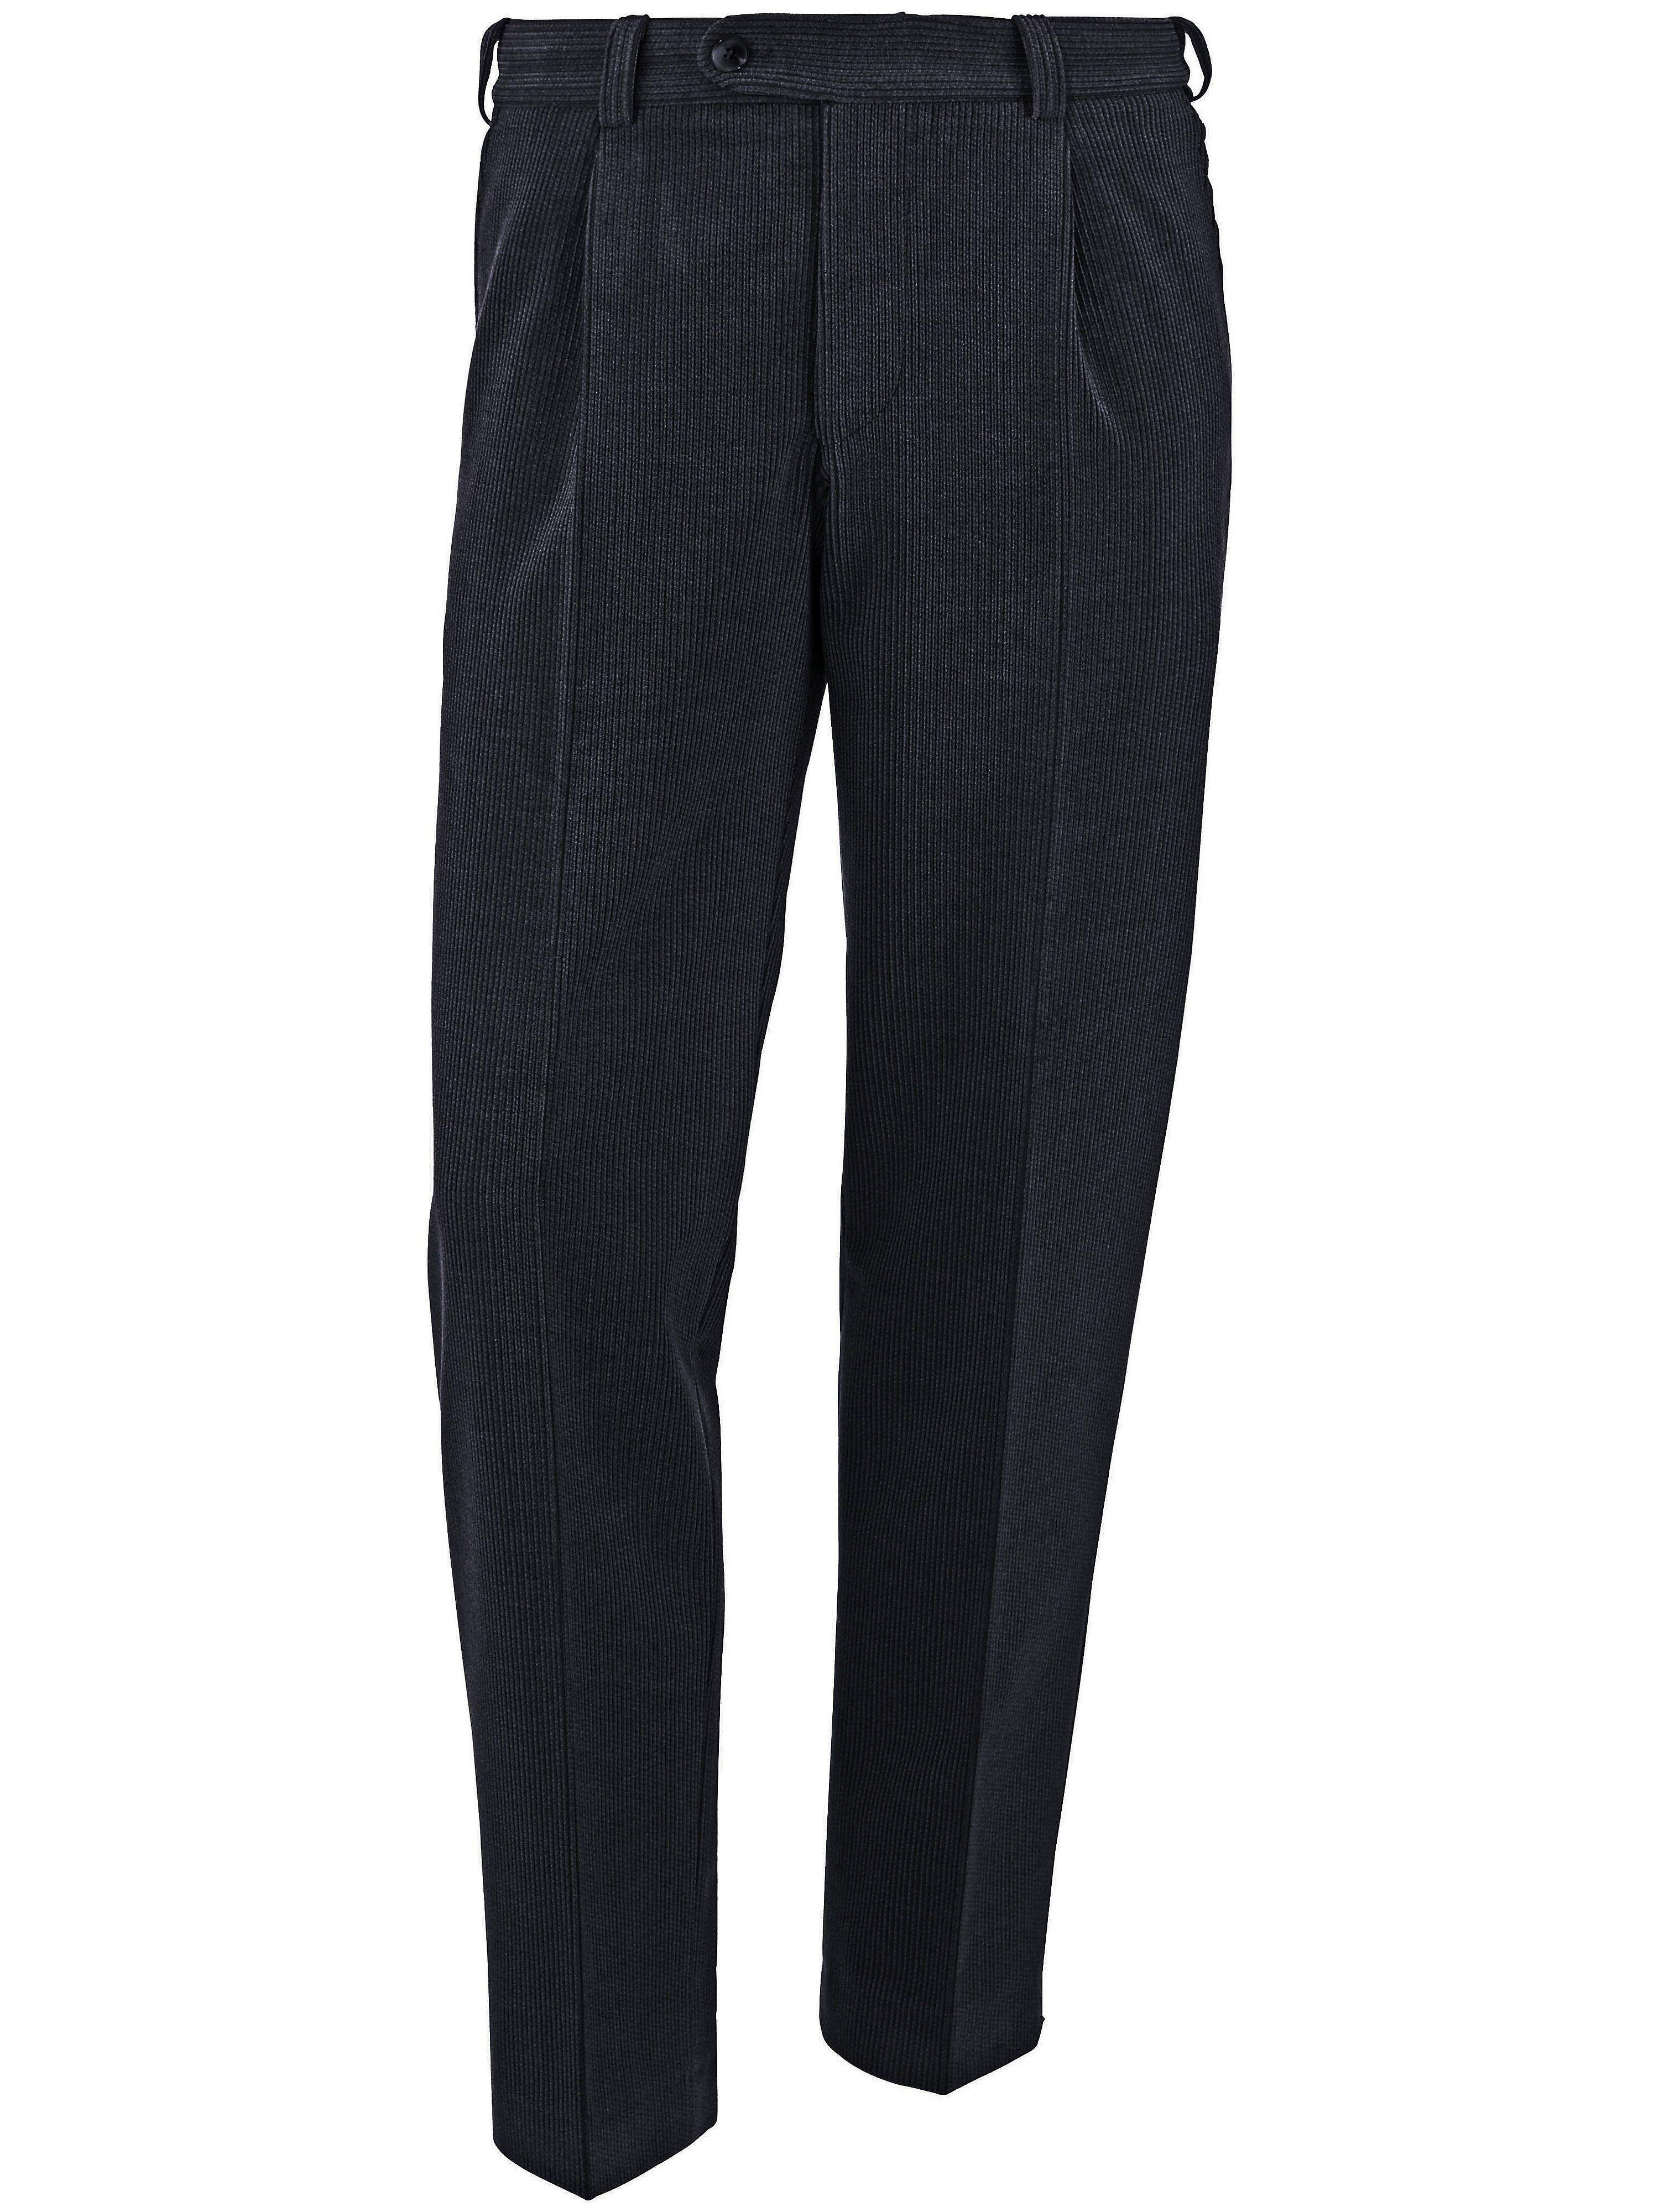 Brax Le pantalon à pinces modèle Luis  Eurex by Brax bleu  - Homme - 25